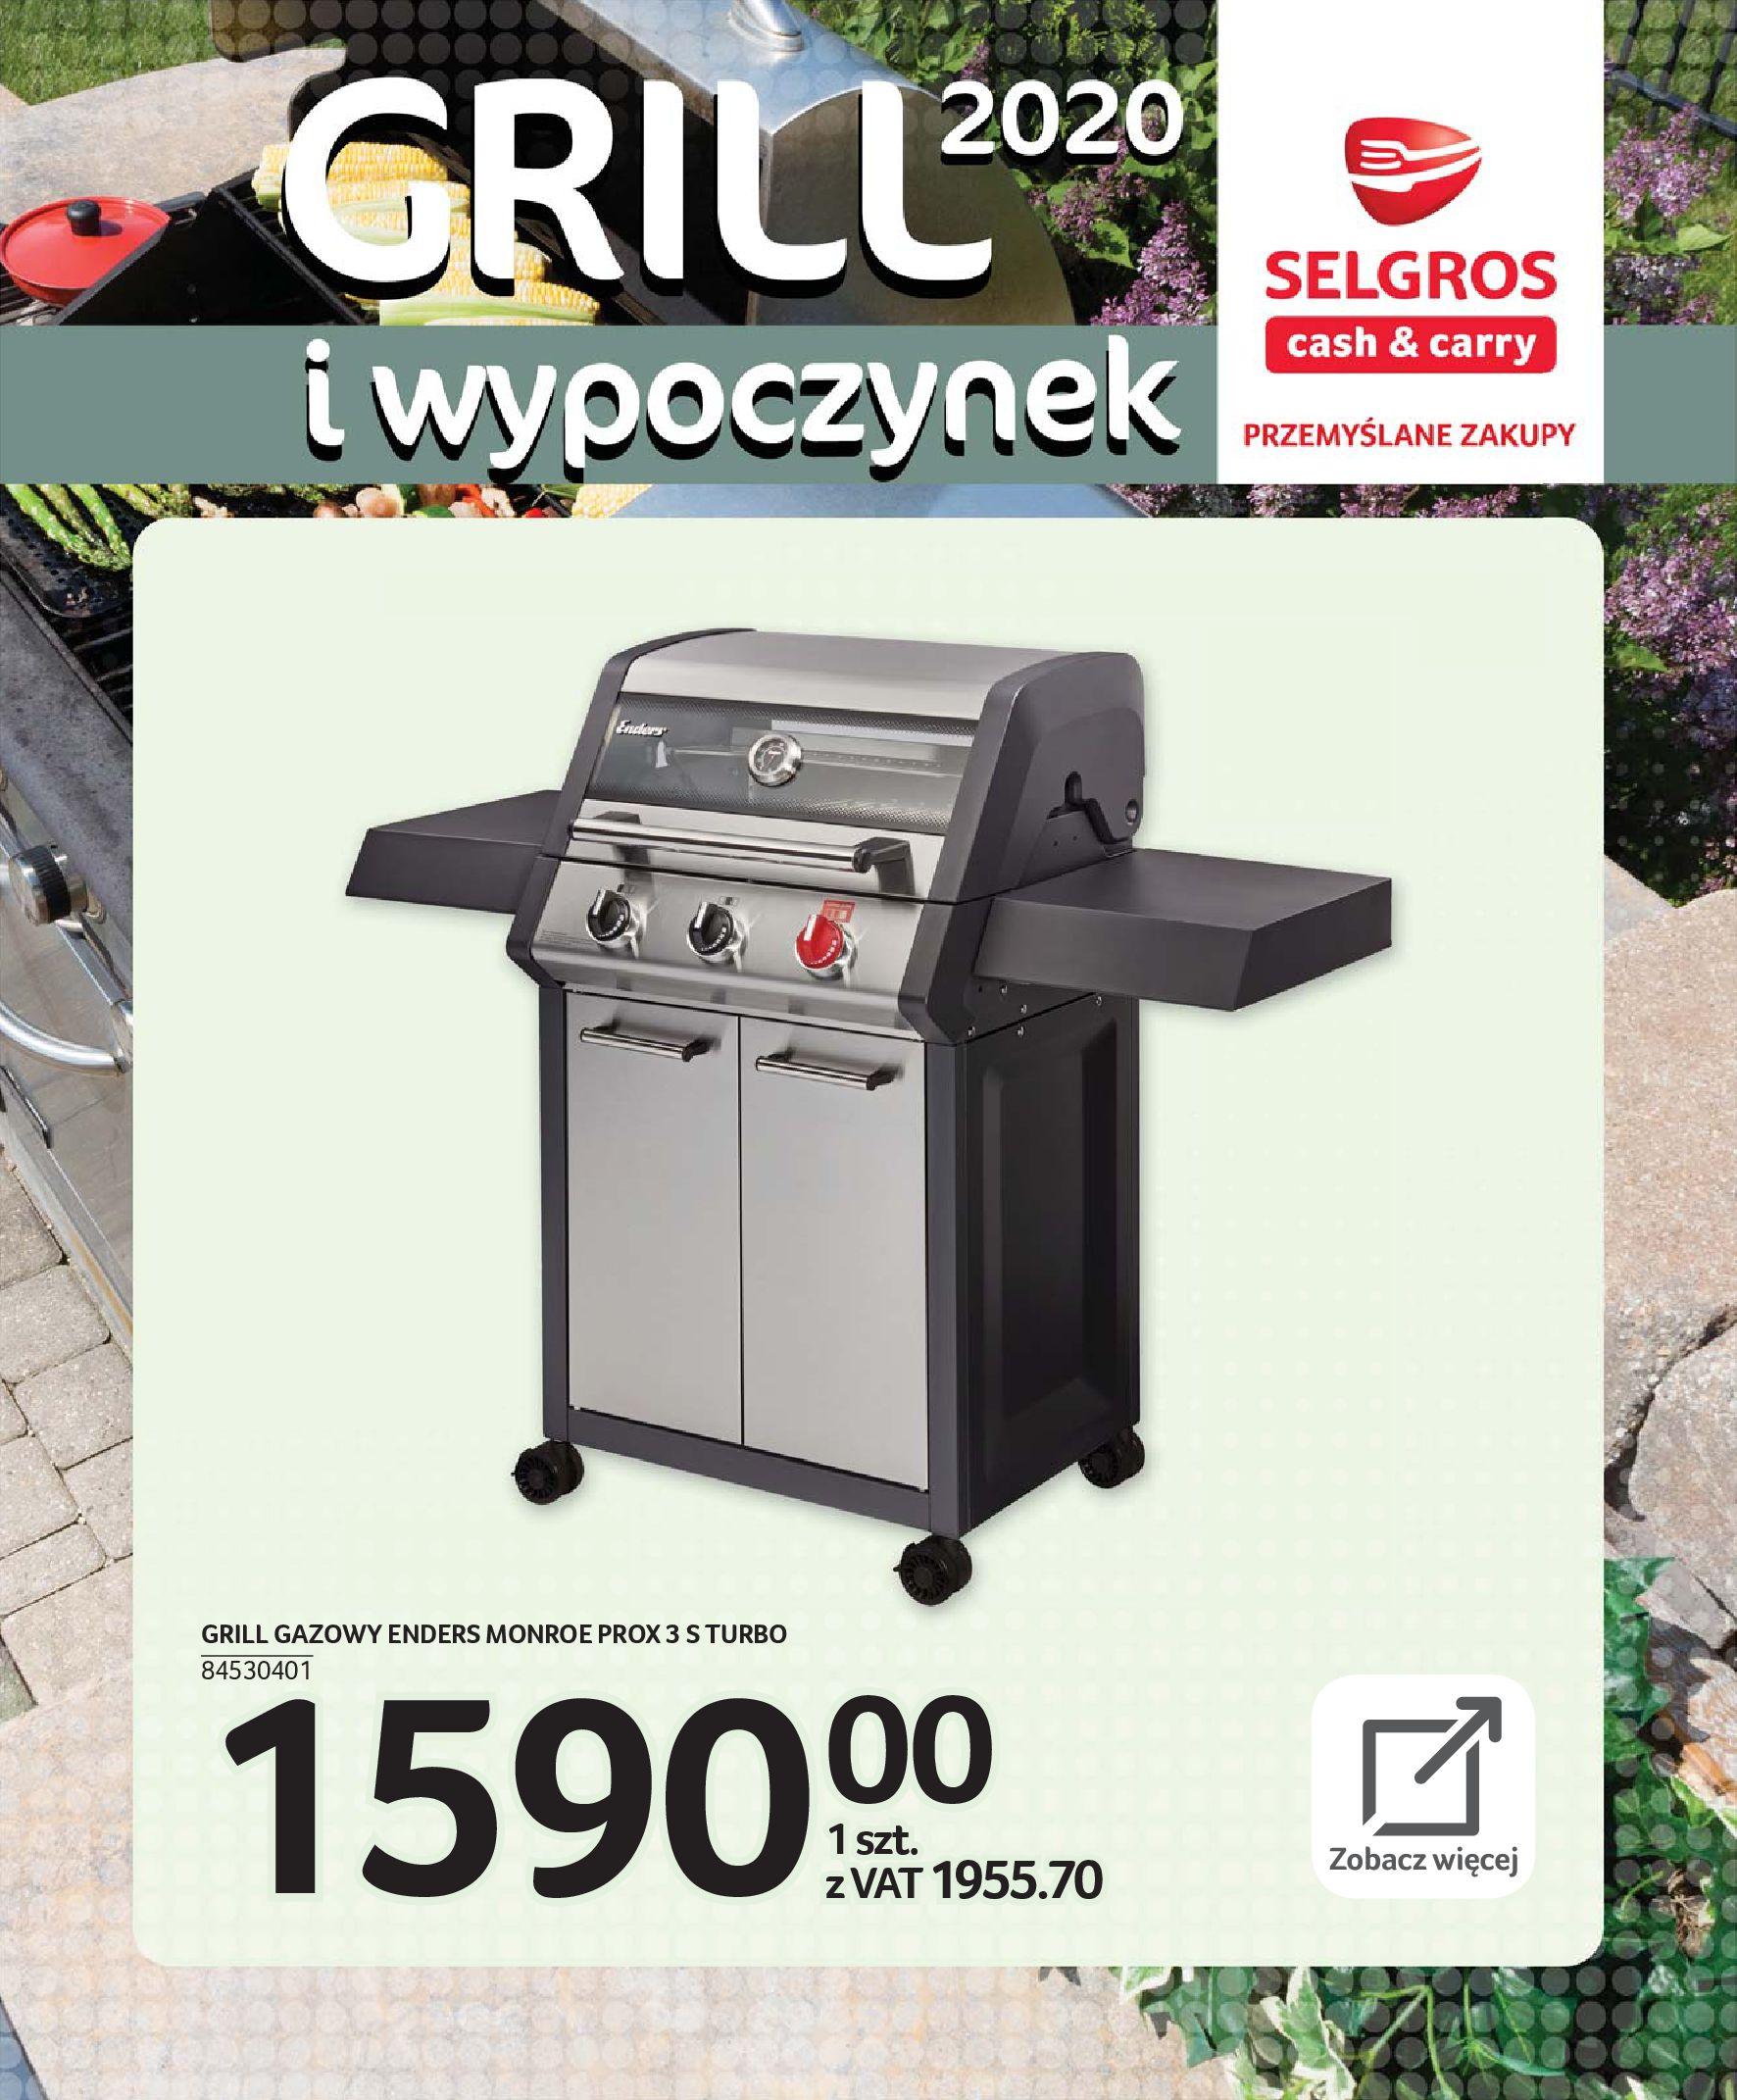 Gazetka Selgros - Katalog - Grill i wypoczynek-31.03.2020-31.08.2020-page-53